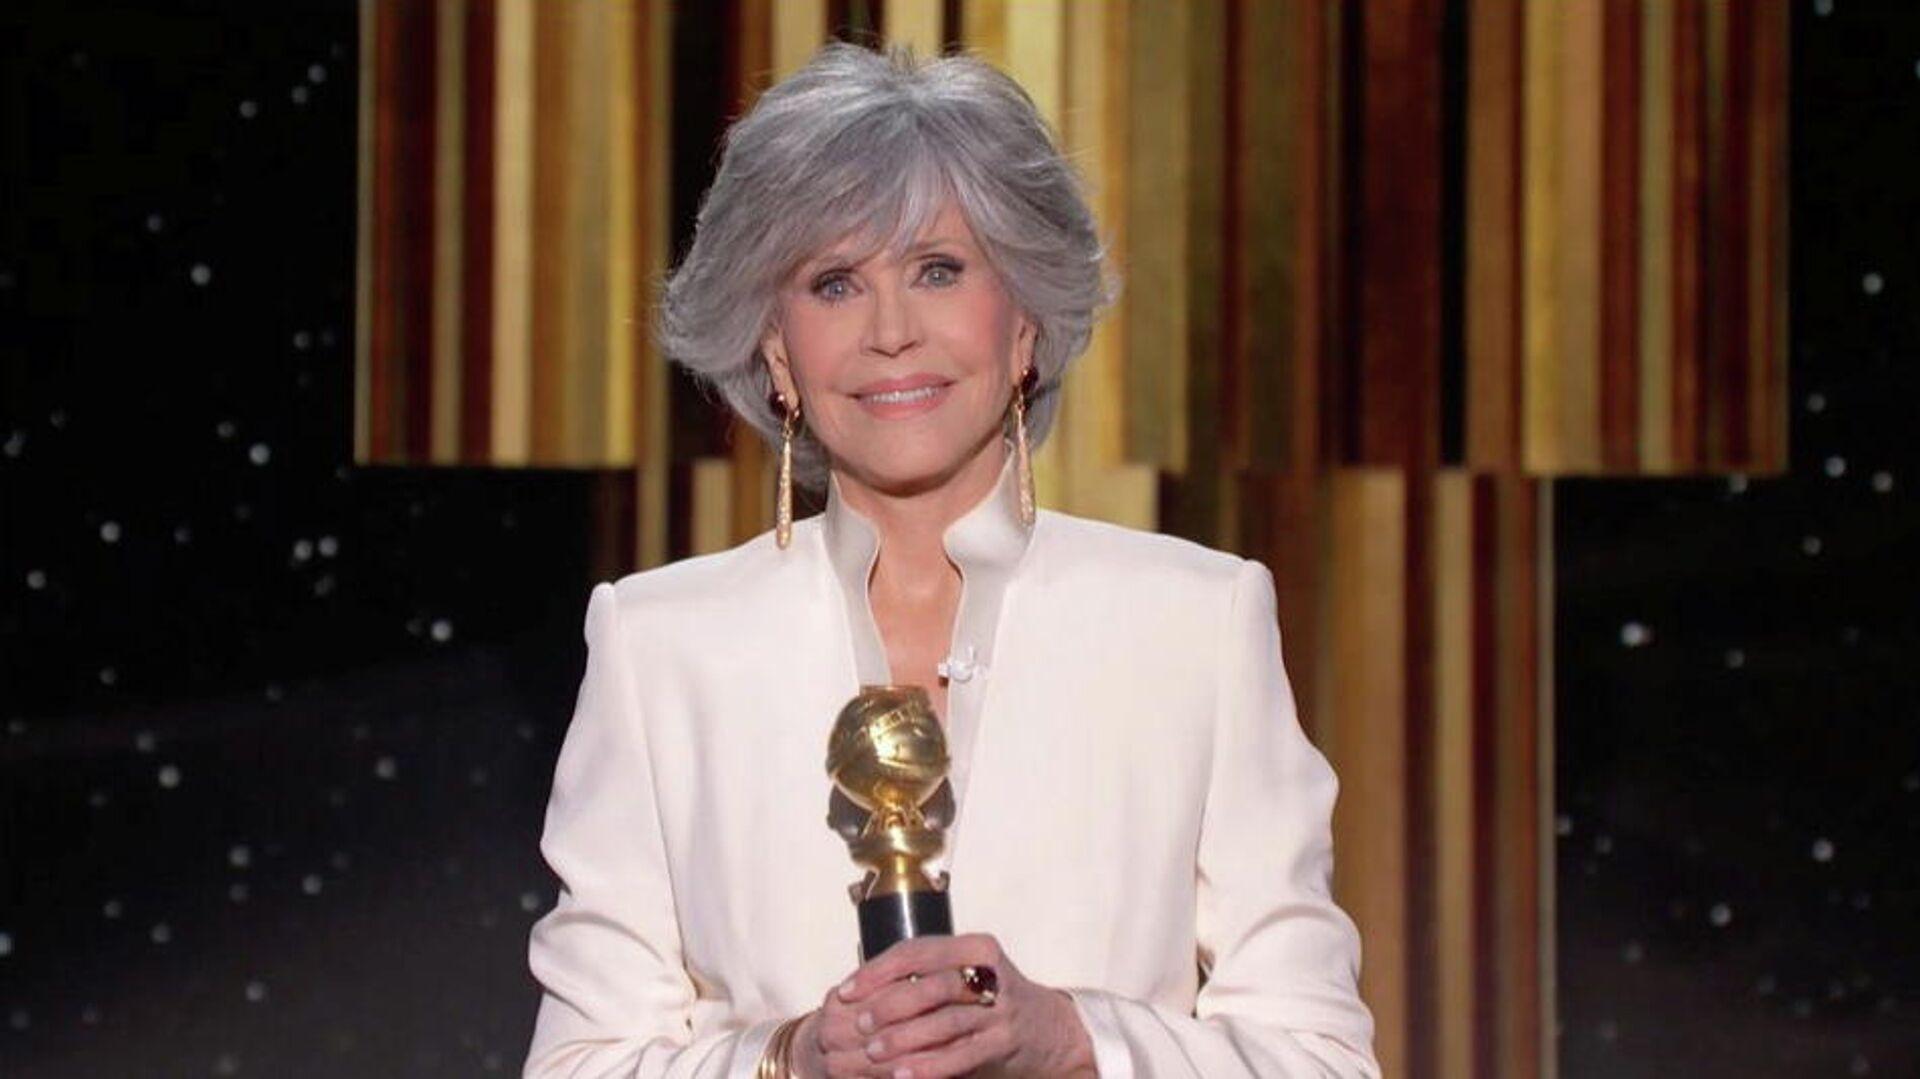 Jane Fonda, actriz estadounidense, recibe el premio  Cecil B. DeMille en la 78 ceremonia de los Globo de Oro - Sputnik Mundo, 1920, 01.03.2021